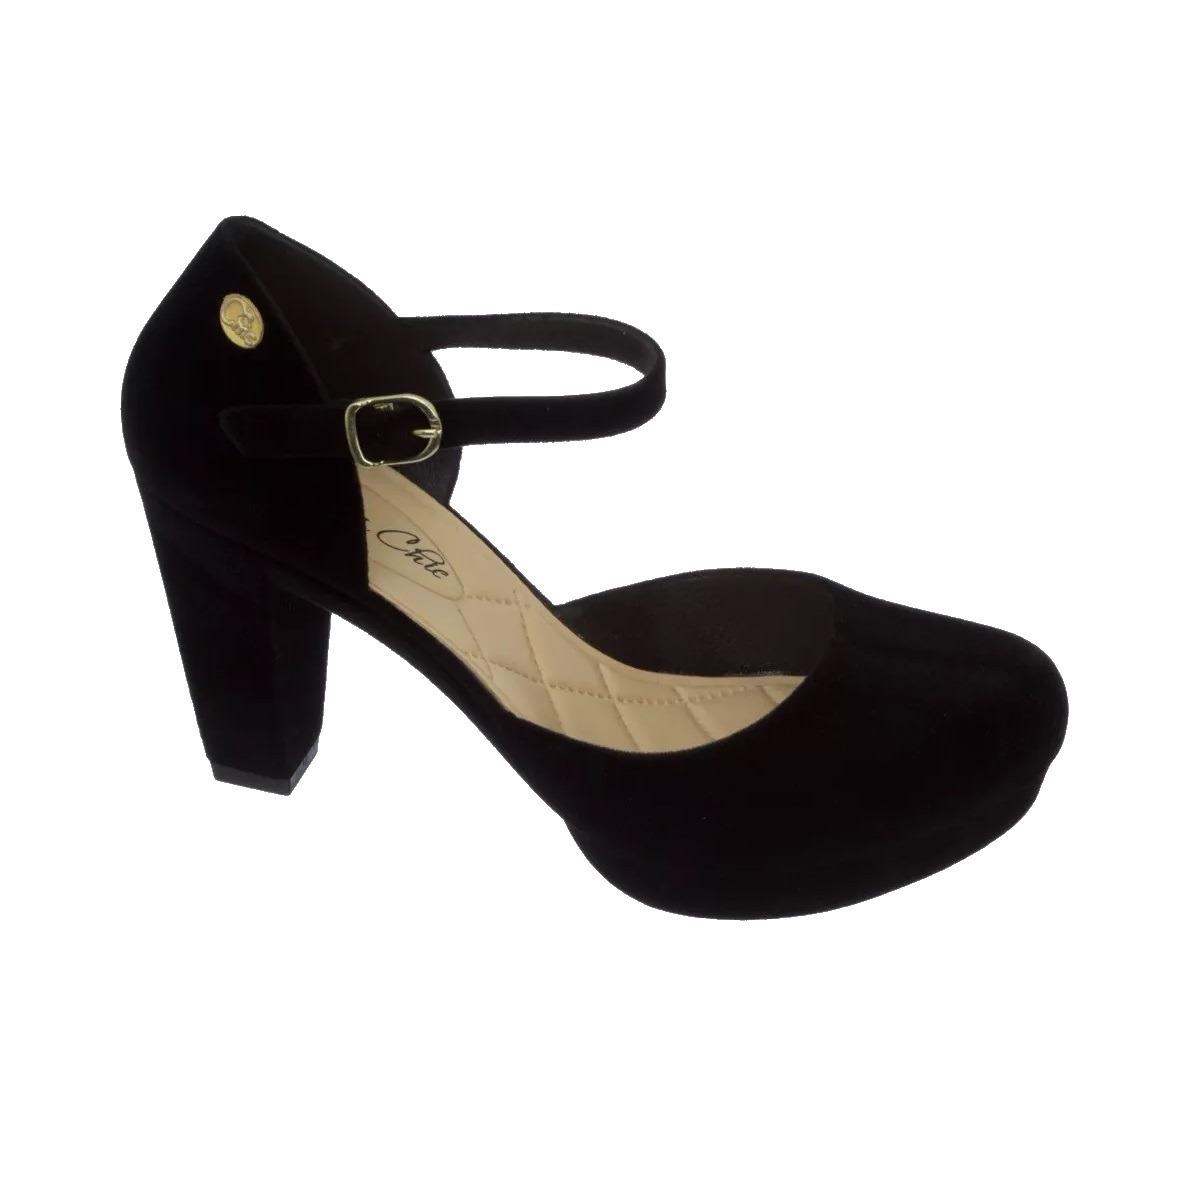 63c9a1201 sapato meia pata boneca feminino - salto alto - promoção. Carregando zoom.